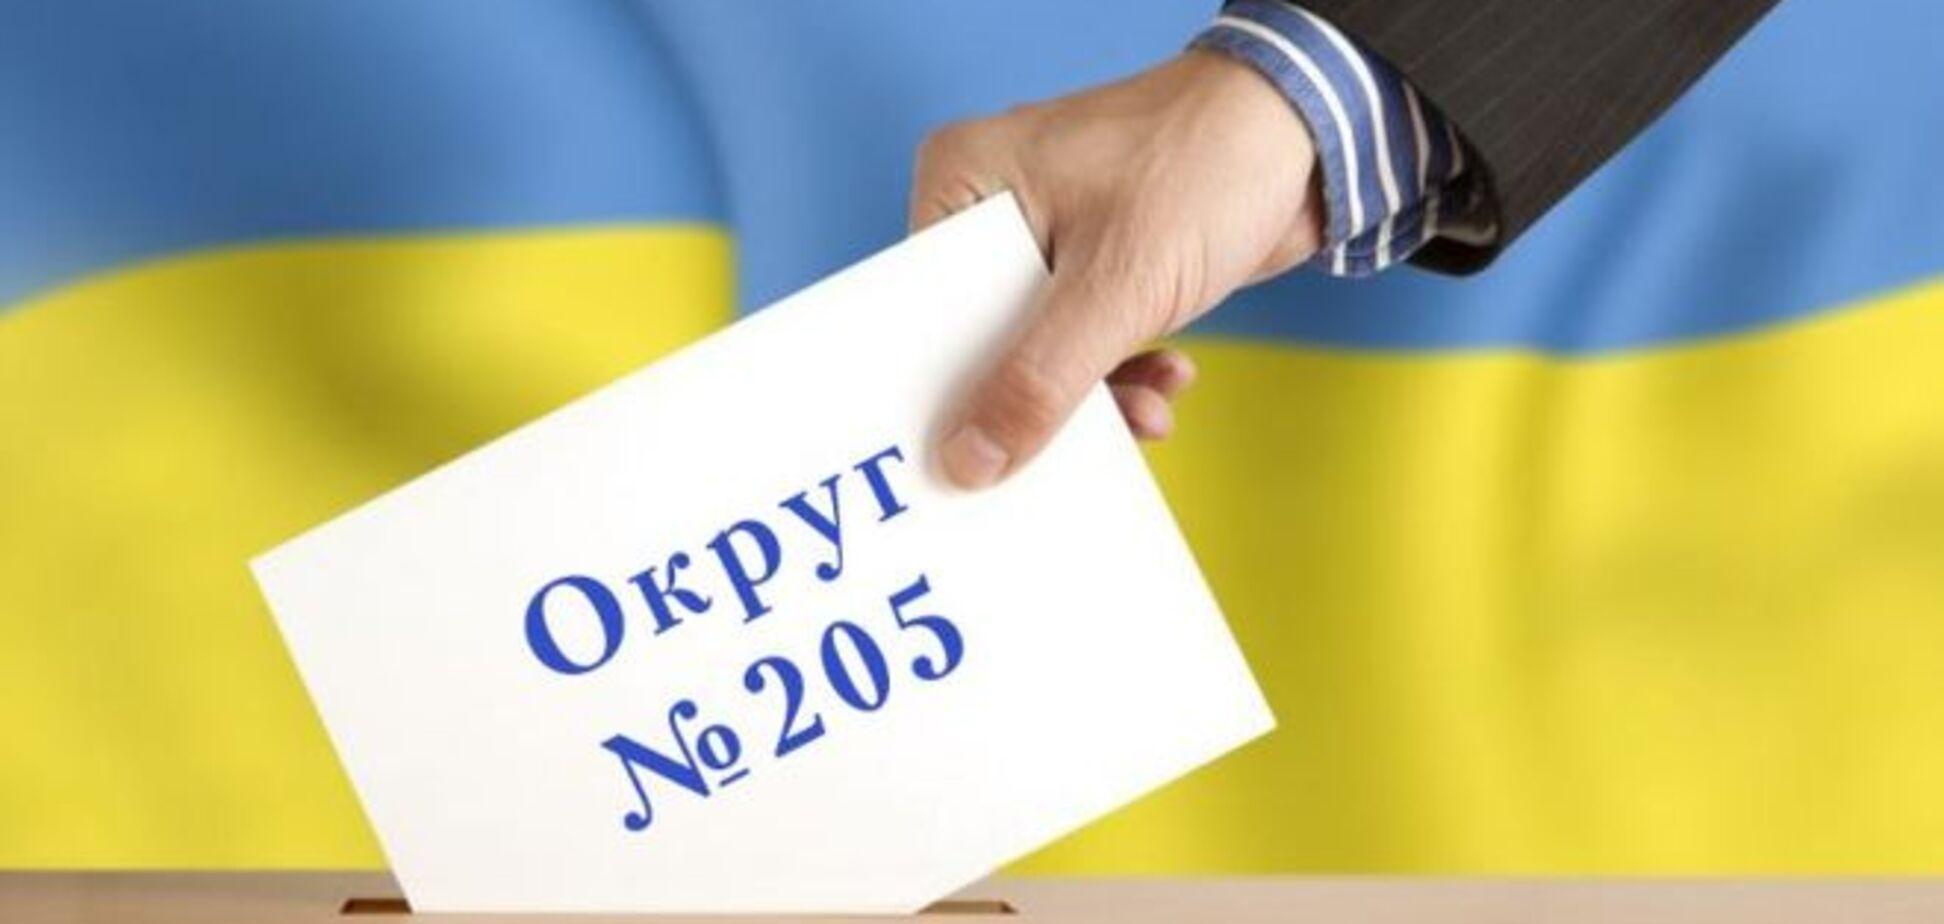 Вибори на 205 окрузі: ЦВК прийняла оригінал протоколу